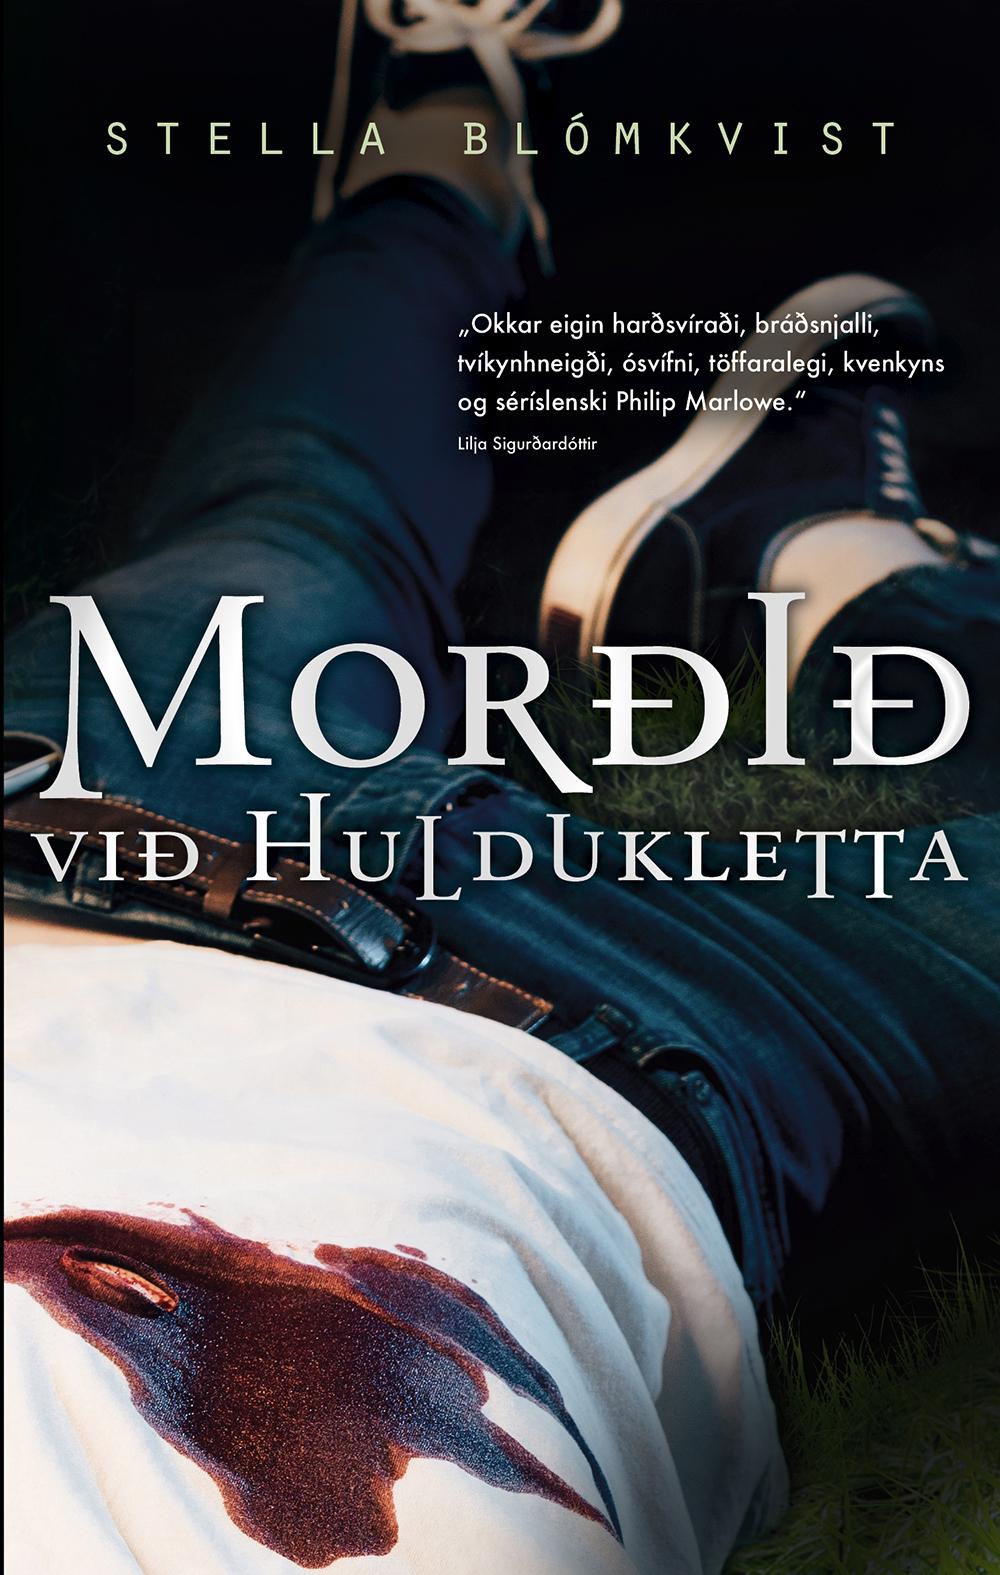 Morðið við Huldukletta